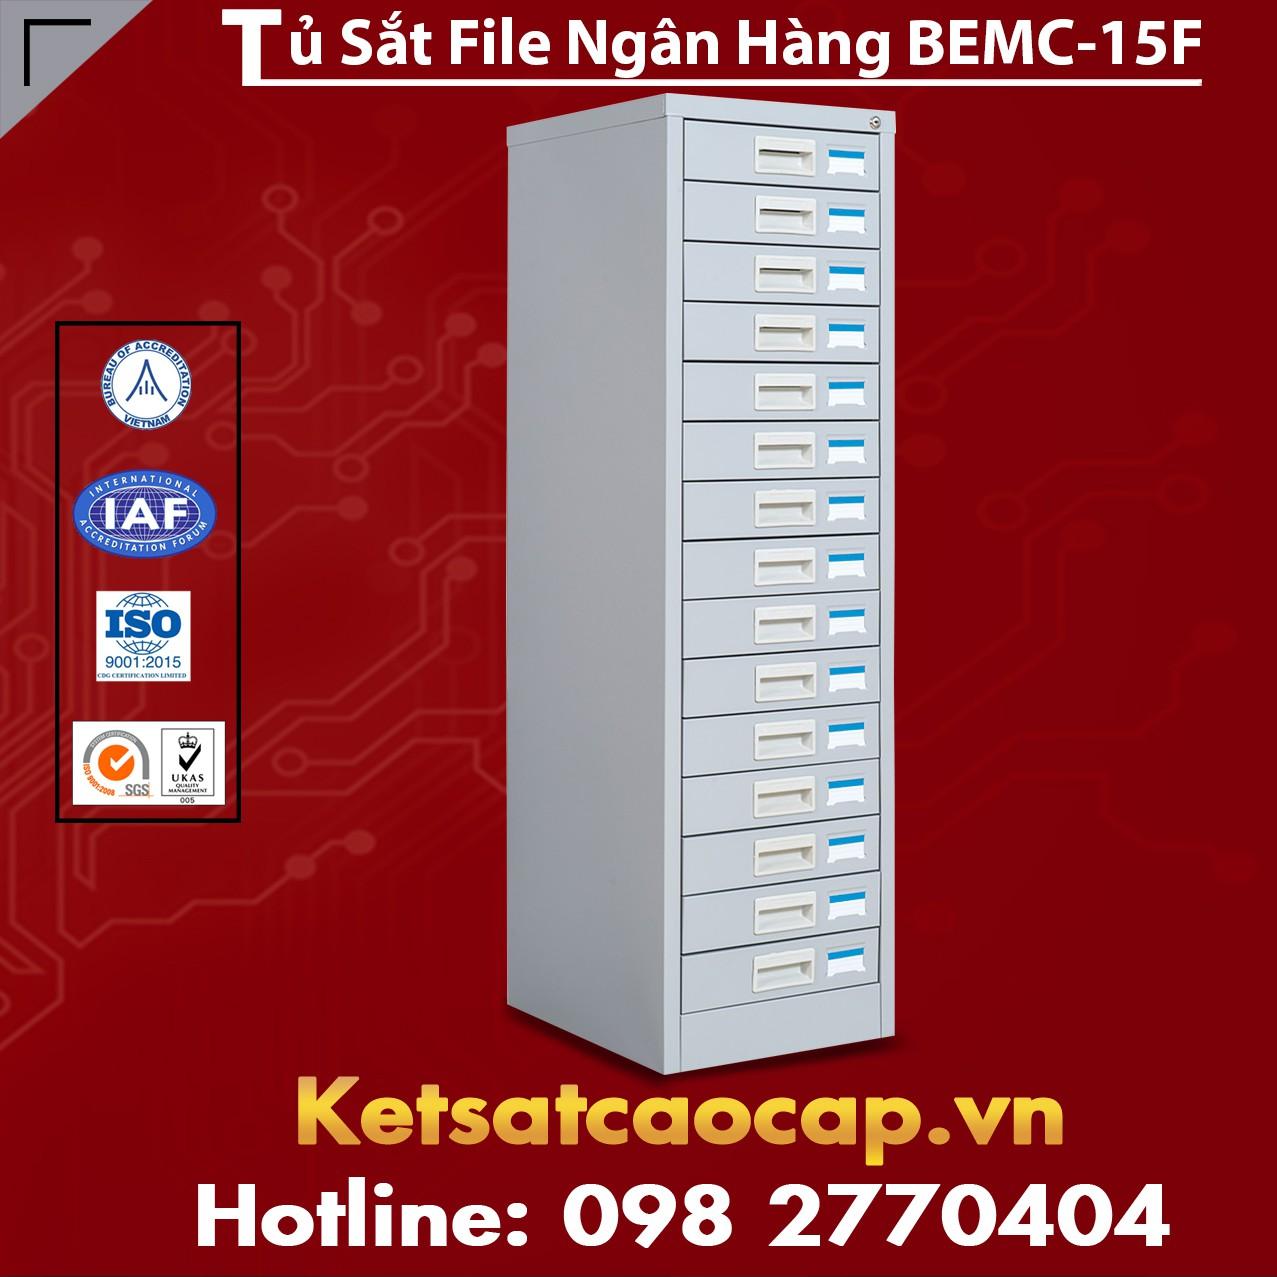 Tủ Sắt File Ngân Hàng BEMC - 15F